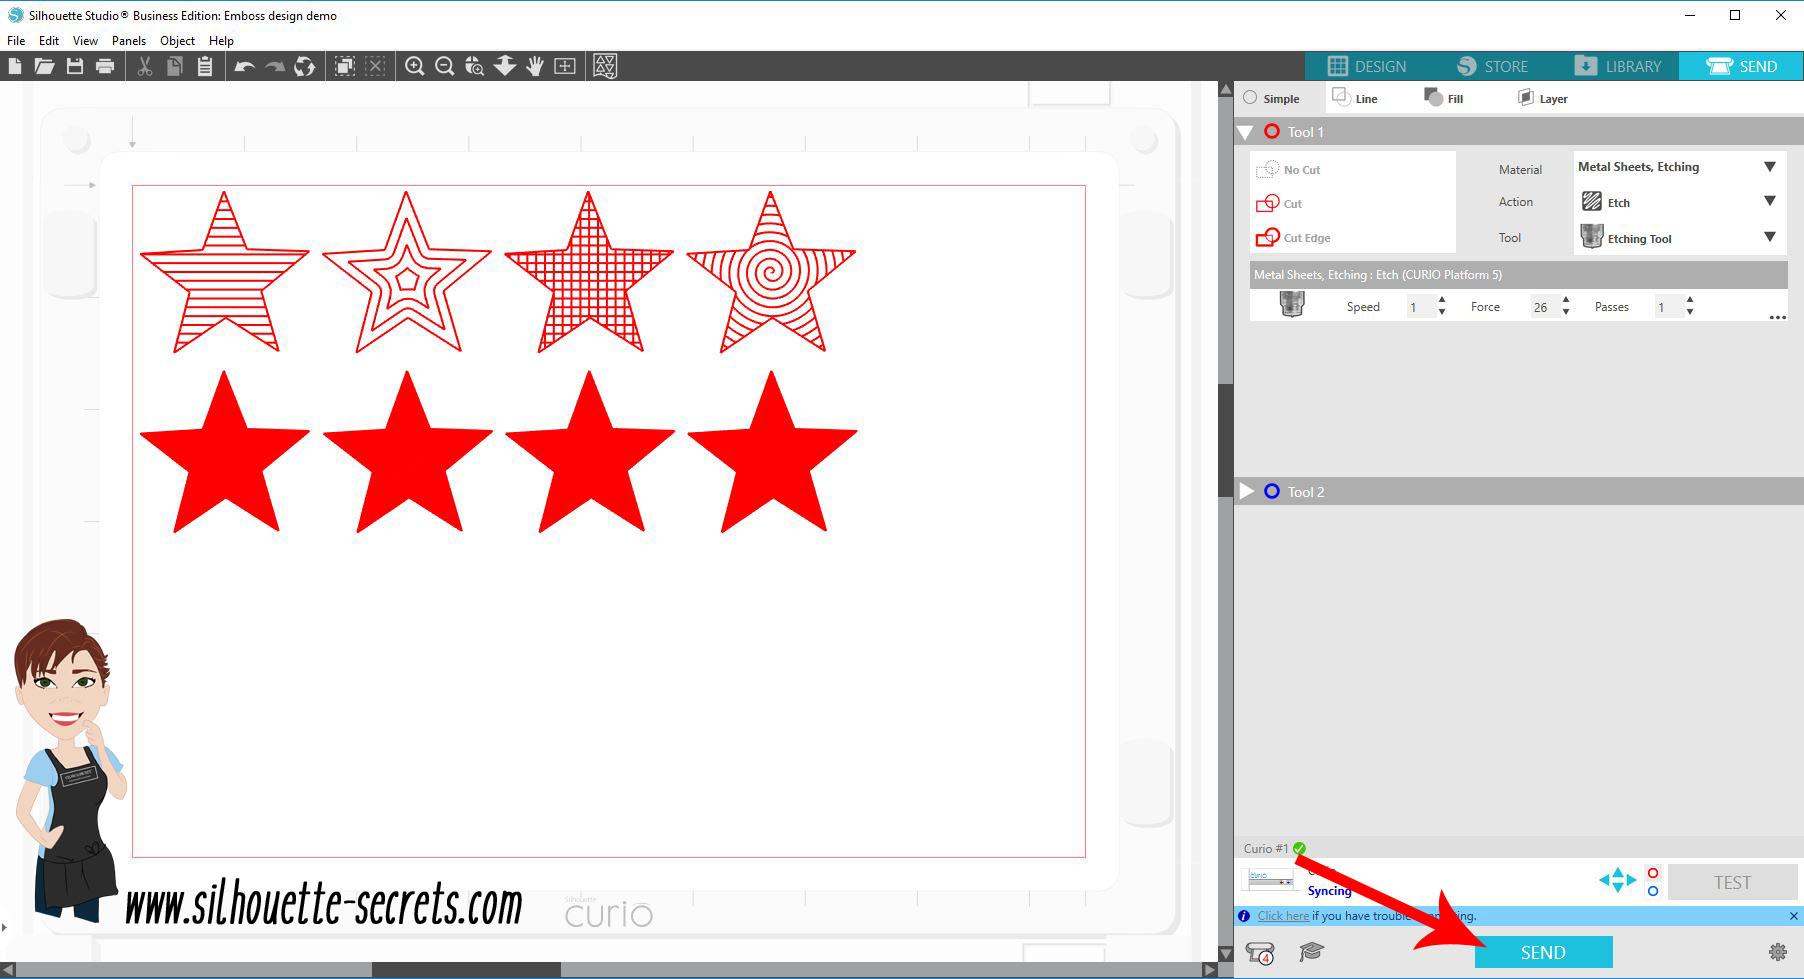 Click Send copy